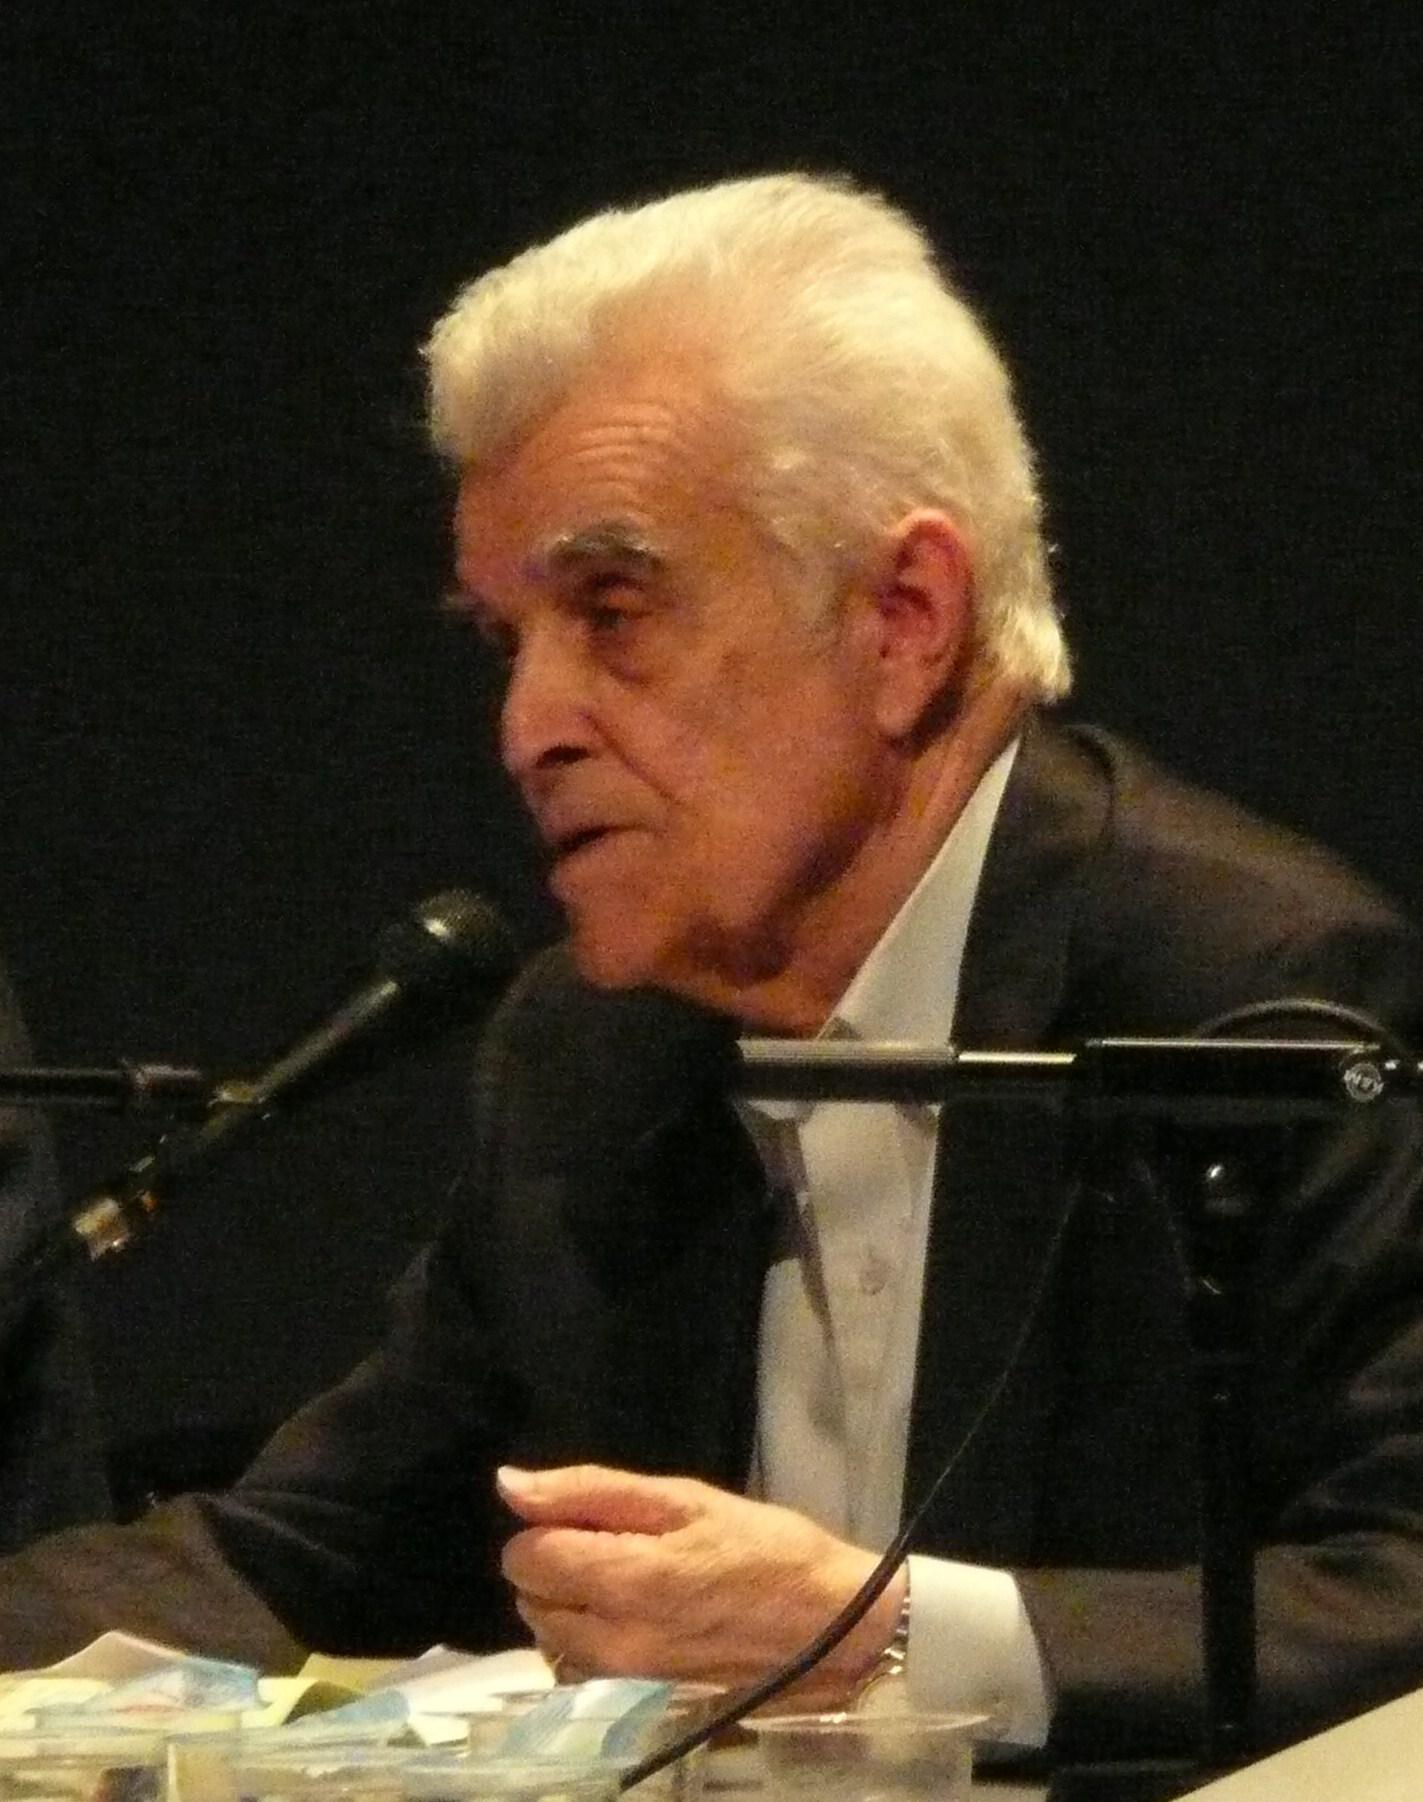 René Girard Le Bouc émissaire : rené, girard, émissaire, René, Girard, Wikipedia